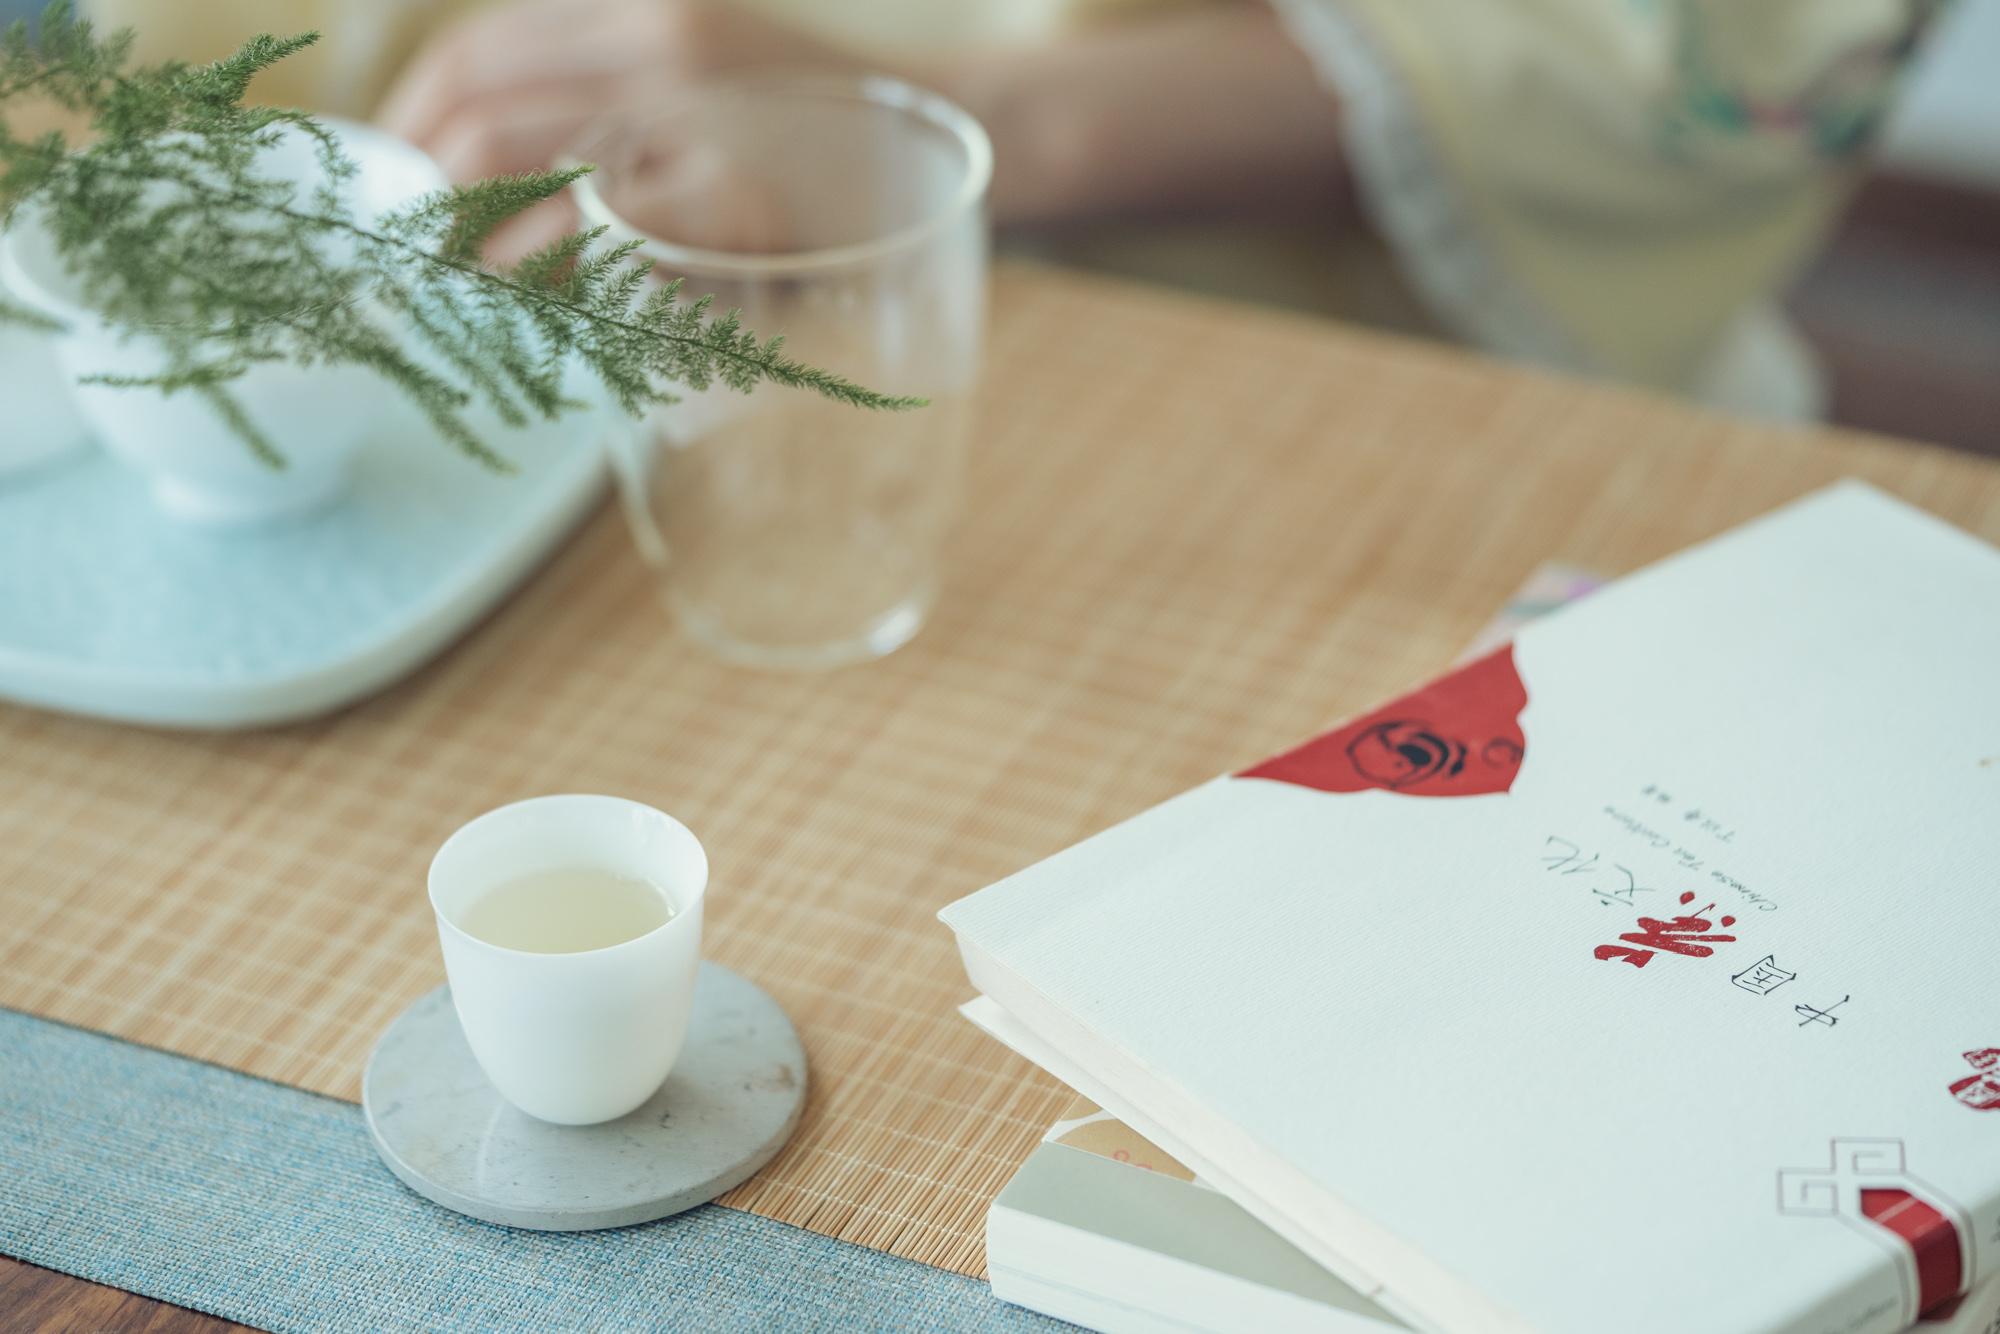 一盏热茶,无关风月,只为敬给恩师-小喜年